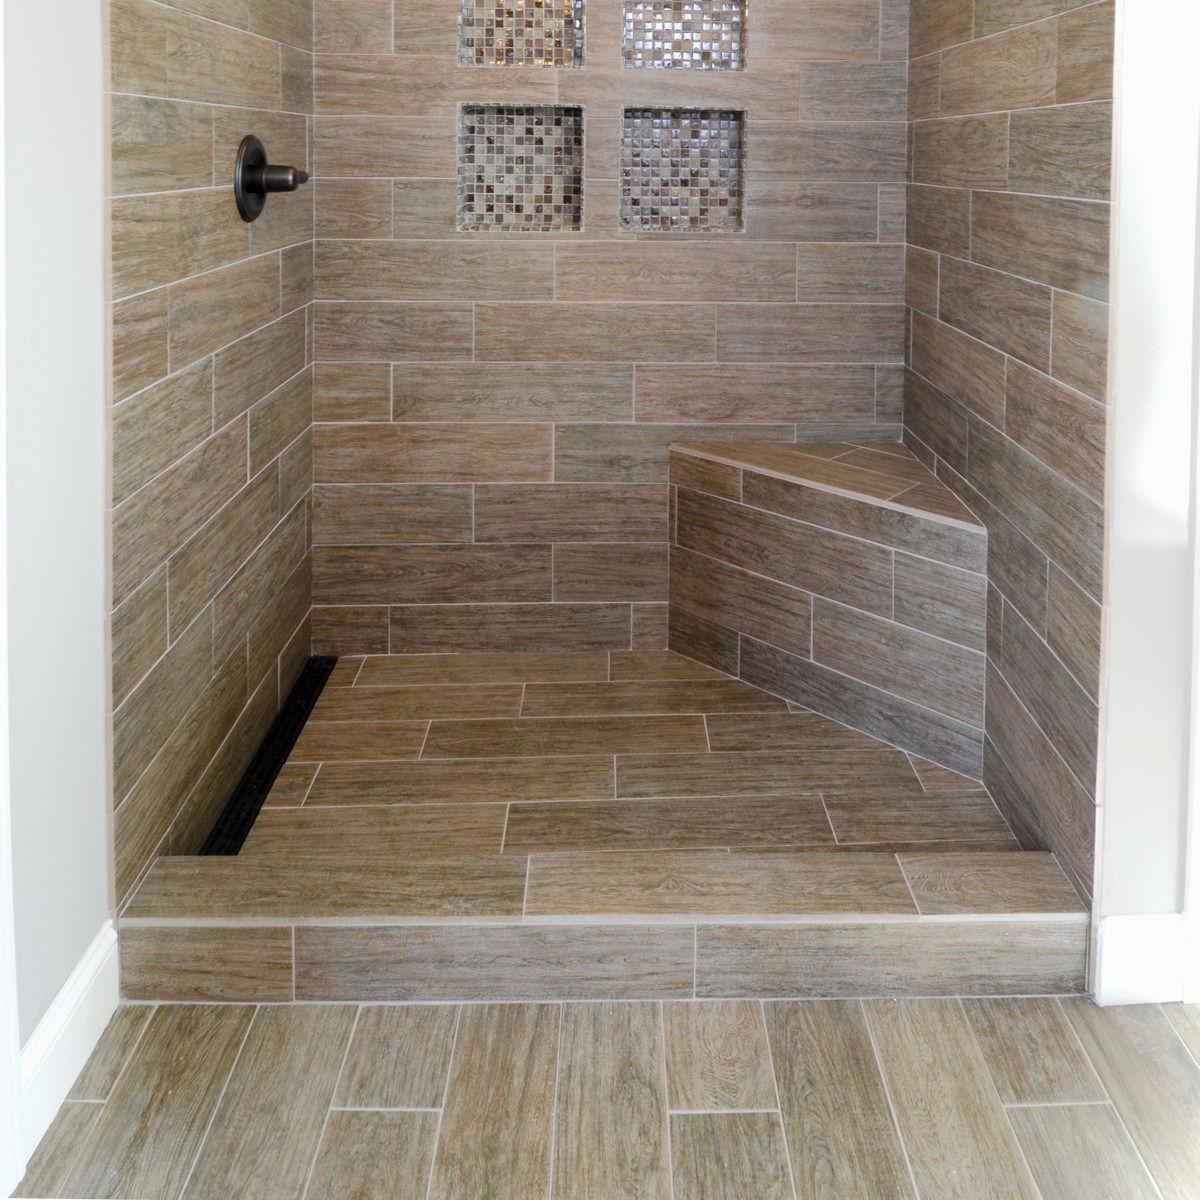 awesome tile bathroom floor ideas concept-Lovely Tile Bathroom Floor Ideas Collection